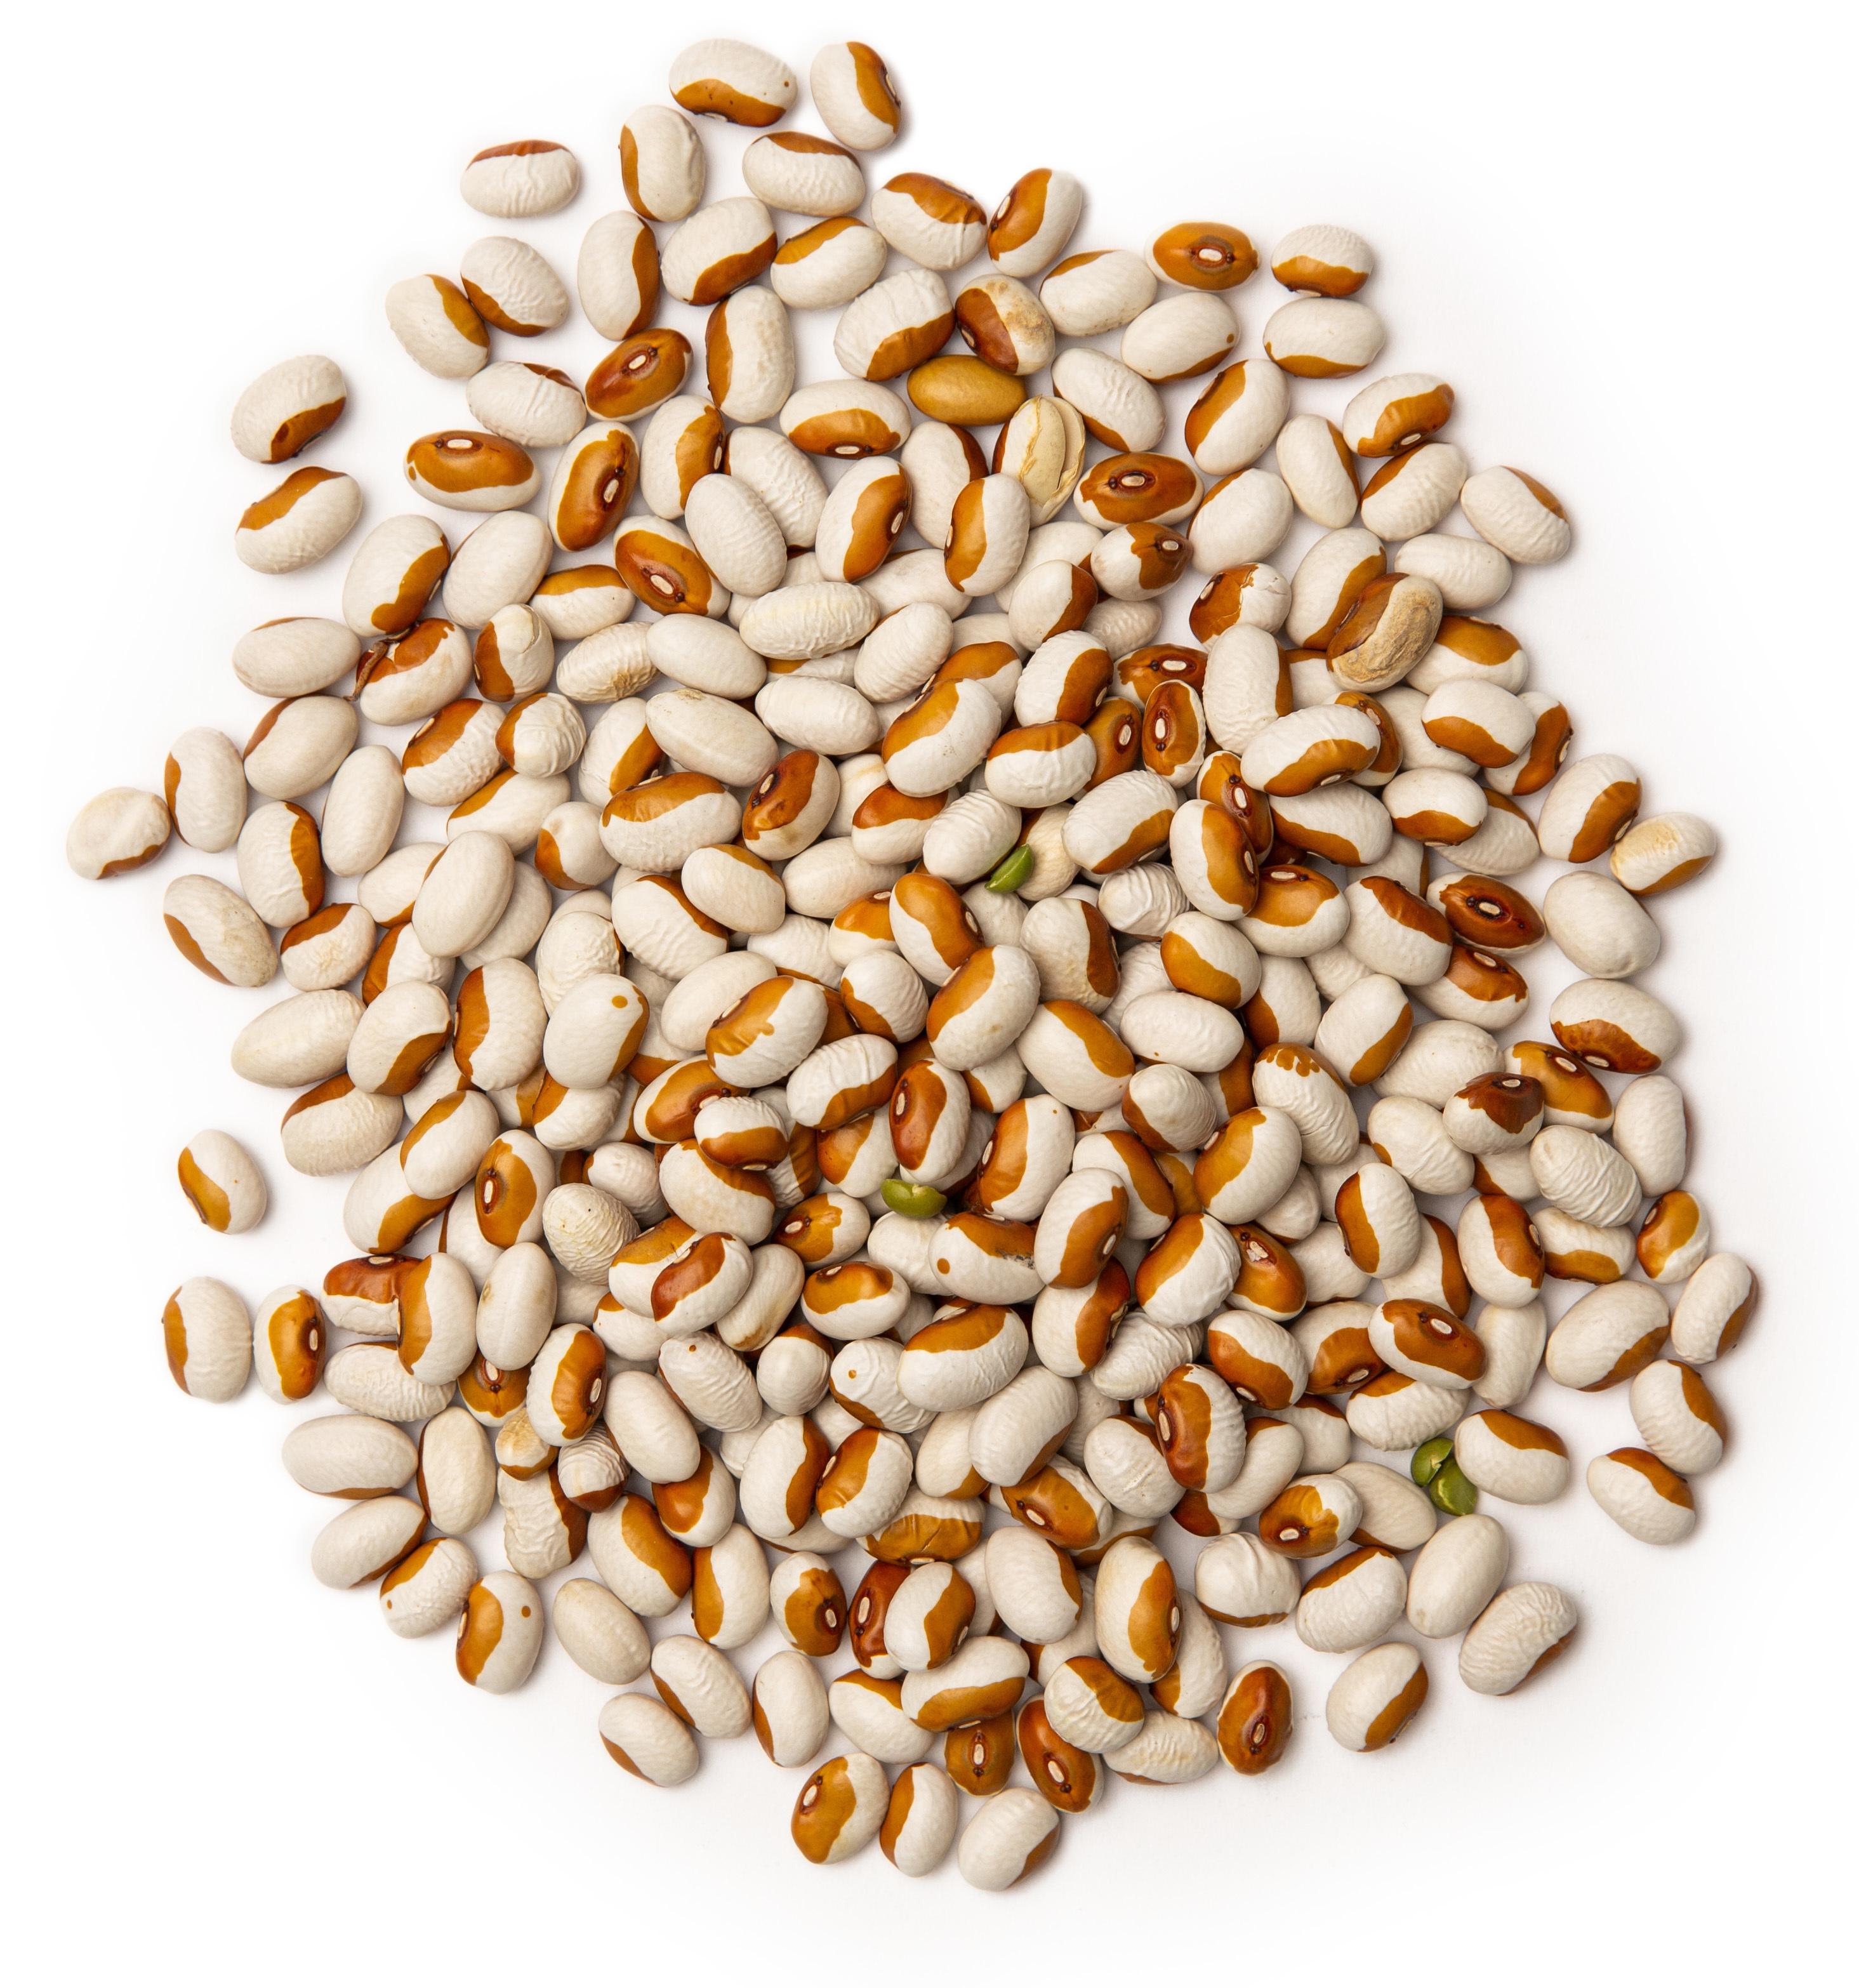 Detail of Yelloweye Beans